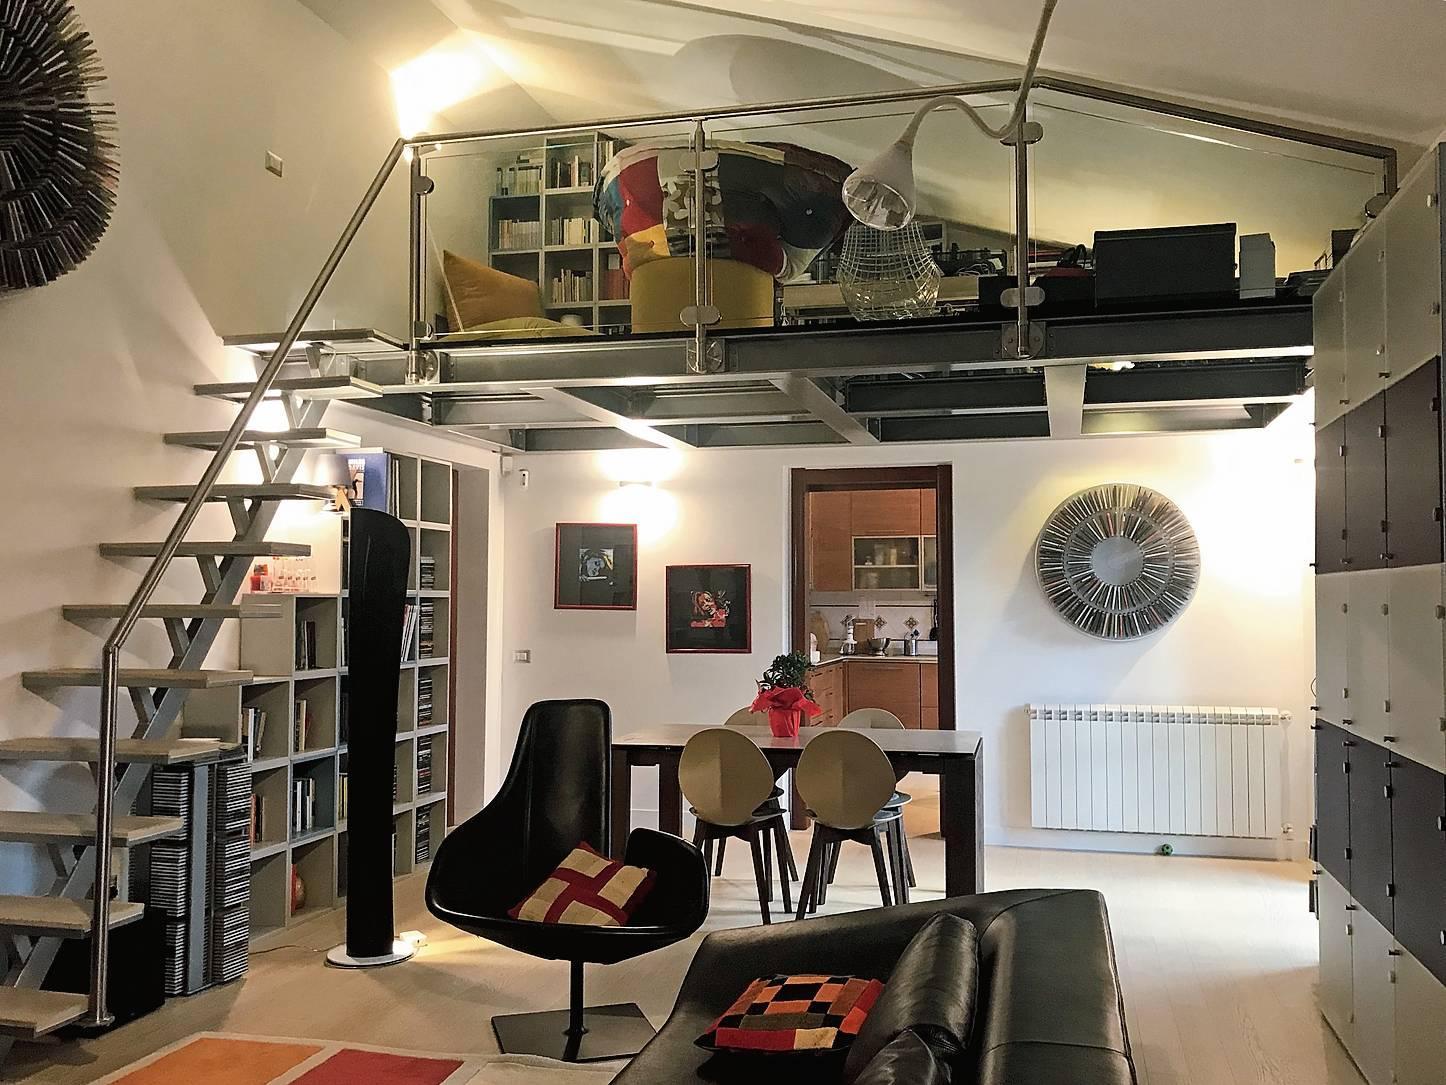 Costo Soppalco Al Mq sfruttare l'altezza dei soffitti per recuperare spazio